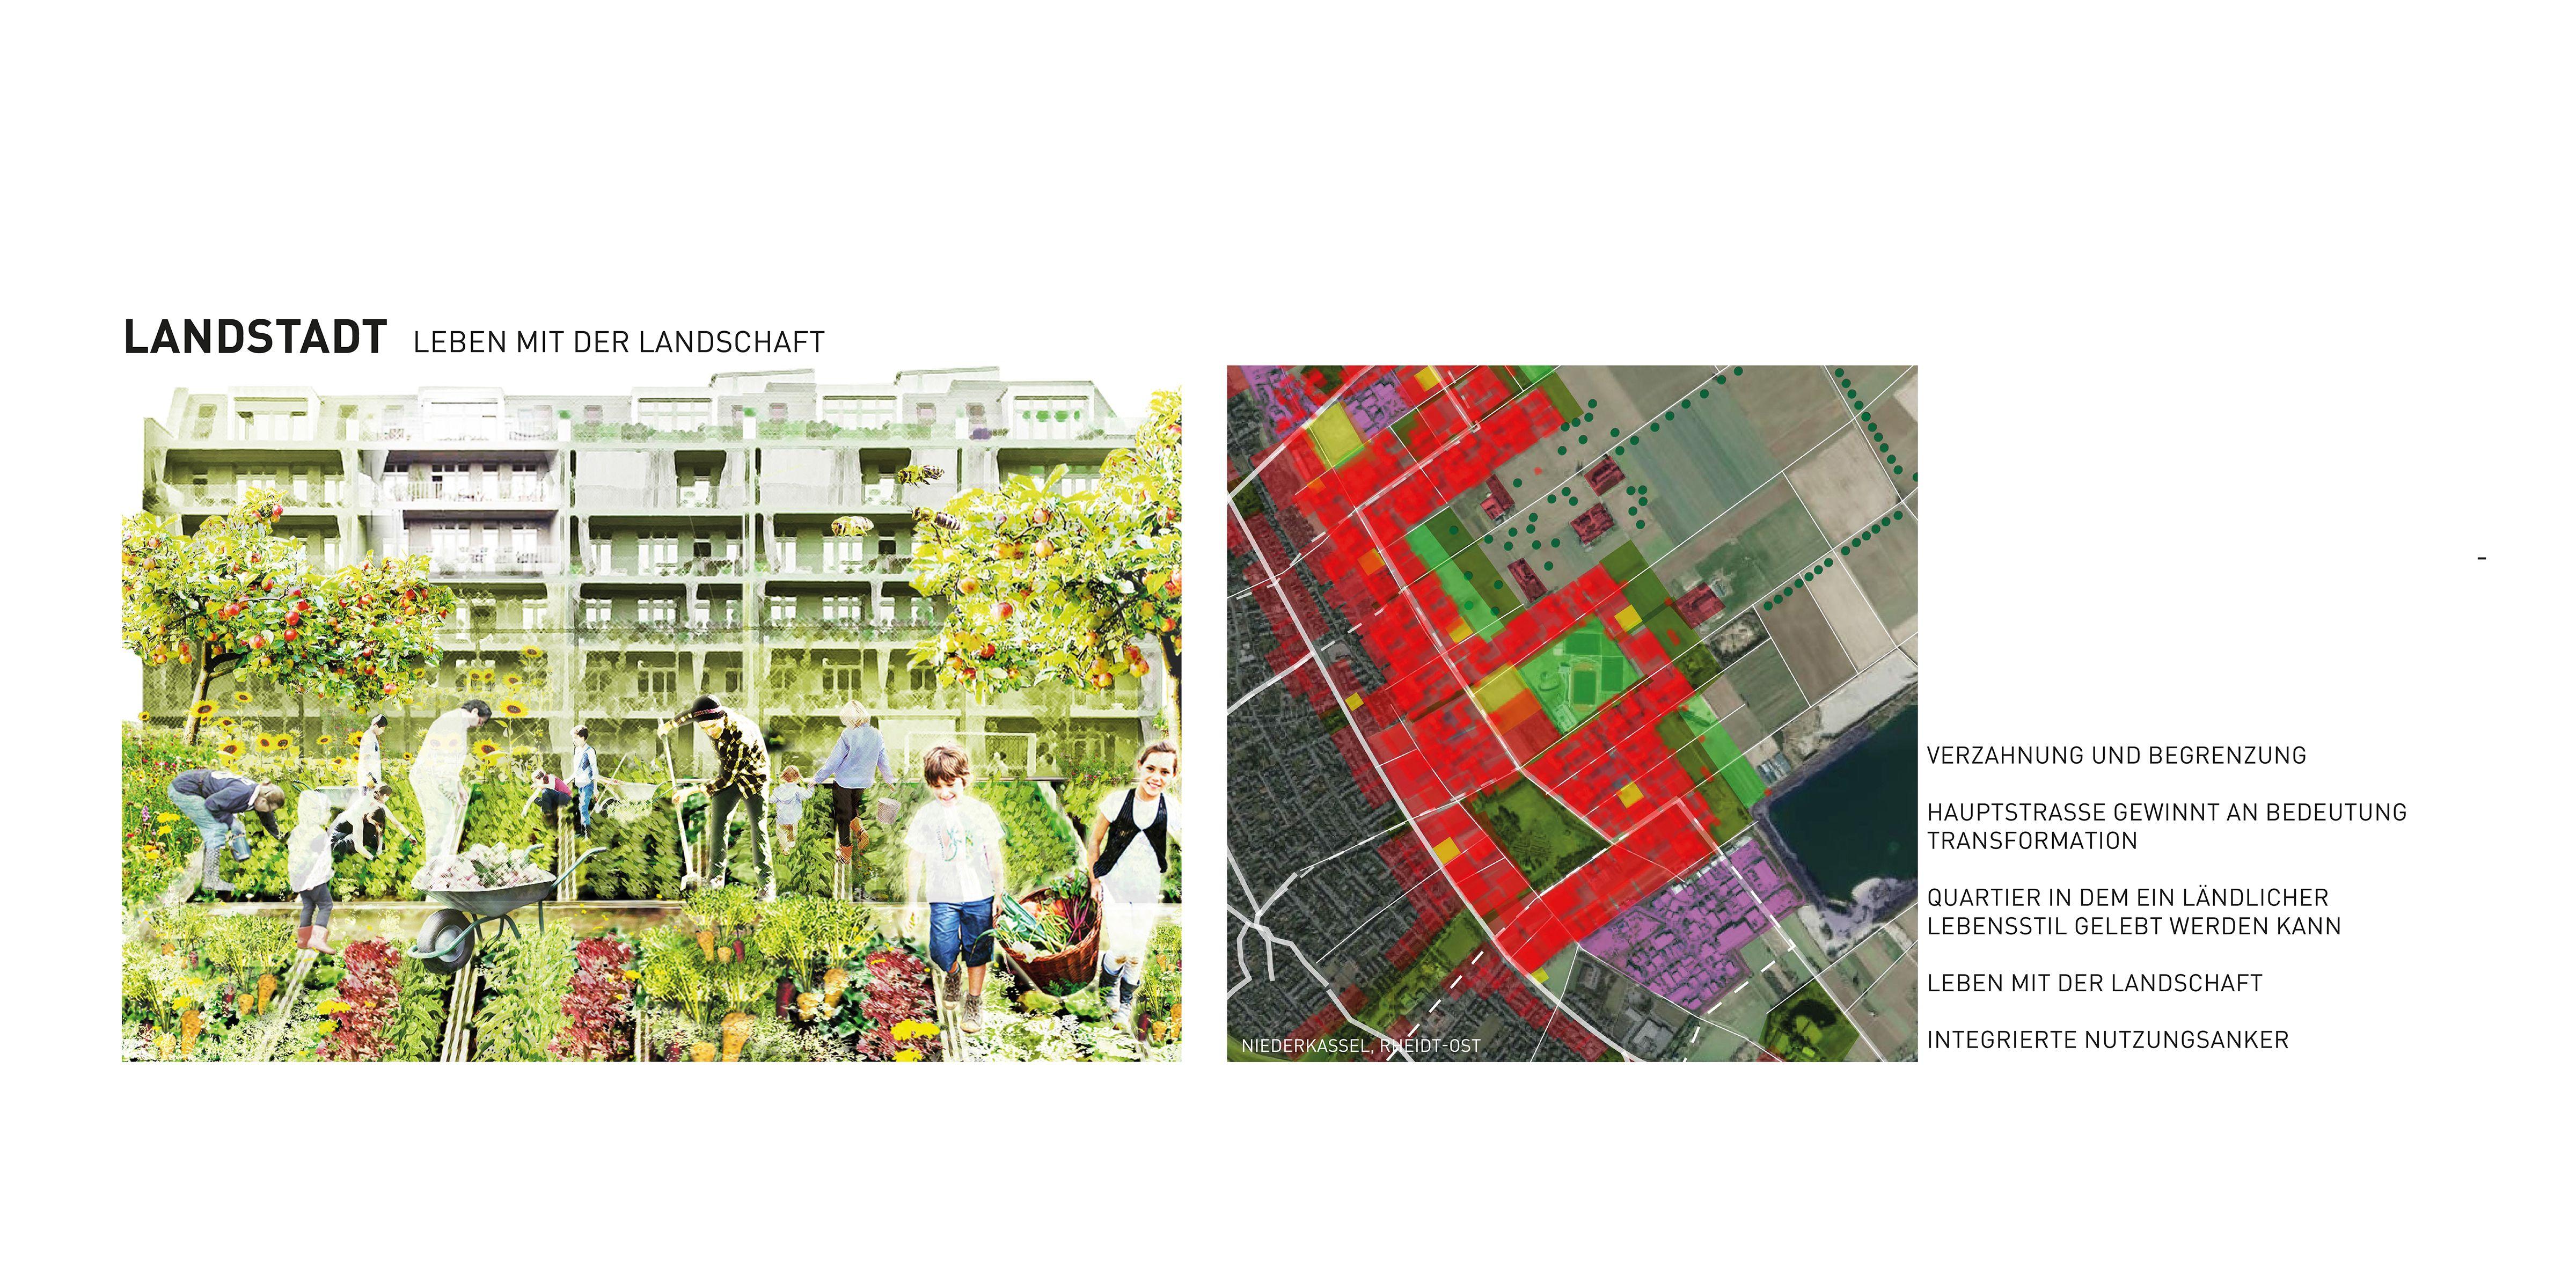 Raumperspektive 2035: Köln und rechtsrheinische Nachbarn Lupe Landstadt Rheidt Mondorf